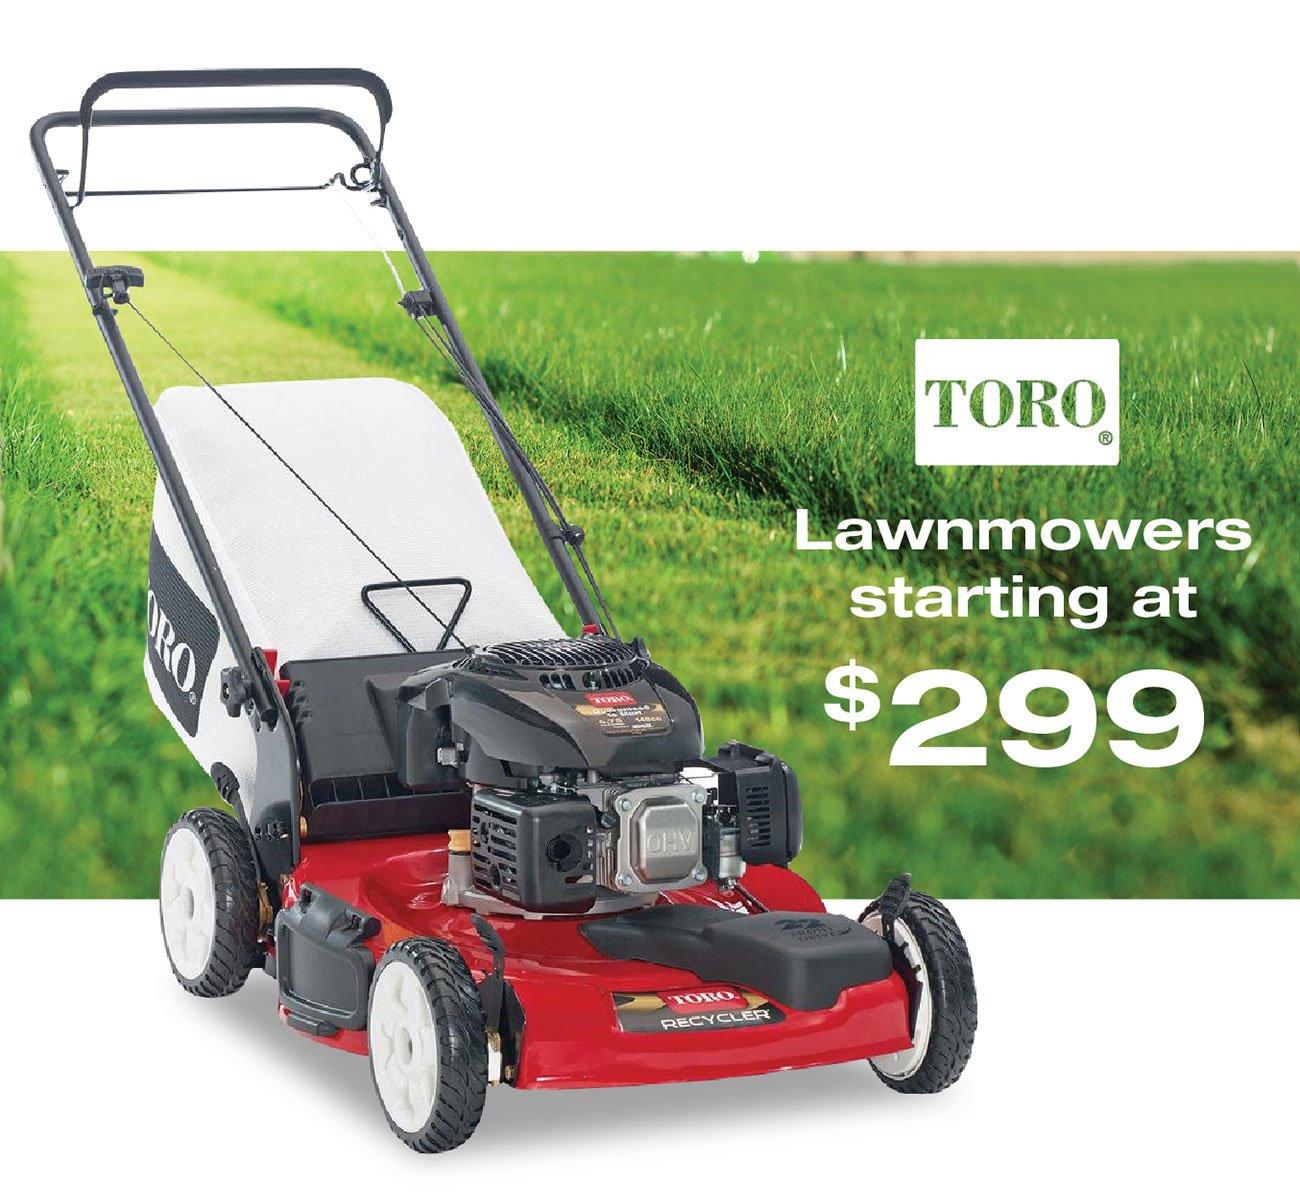 Toro-lawnmowers